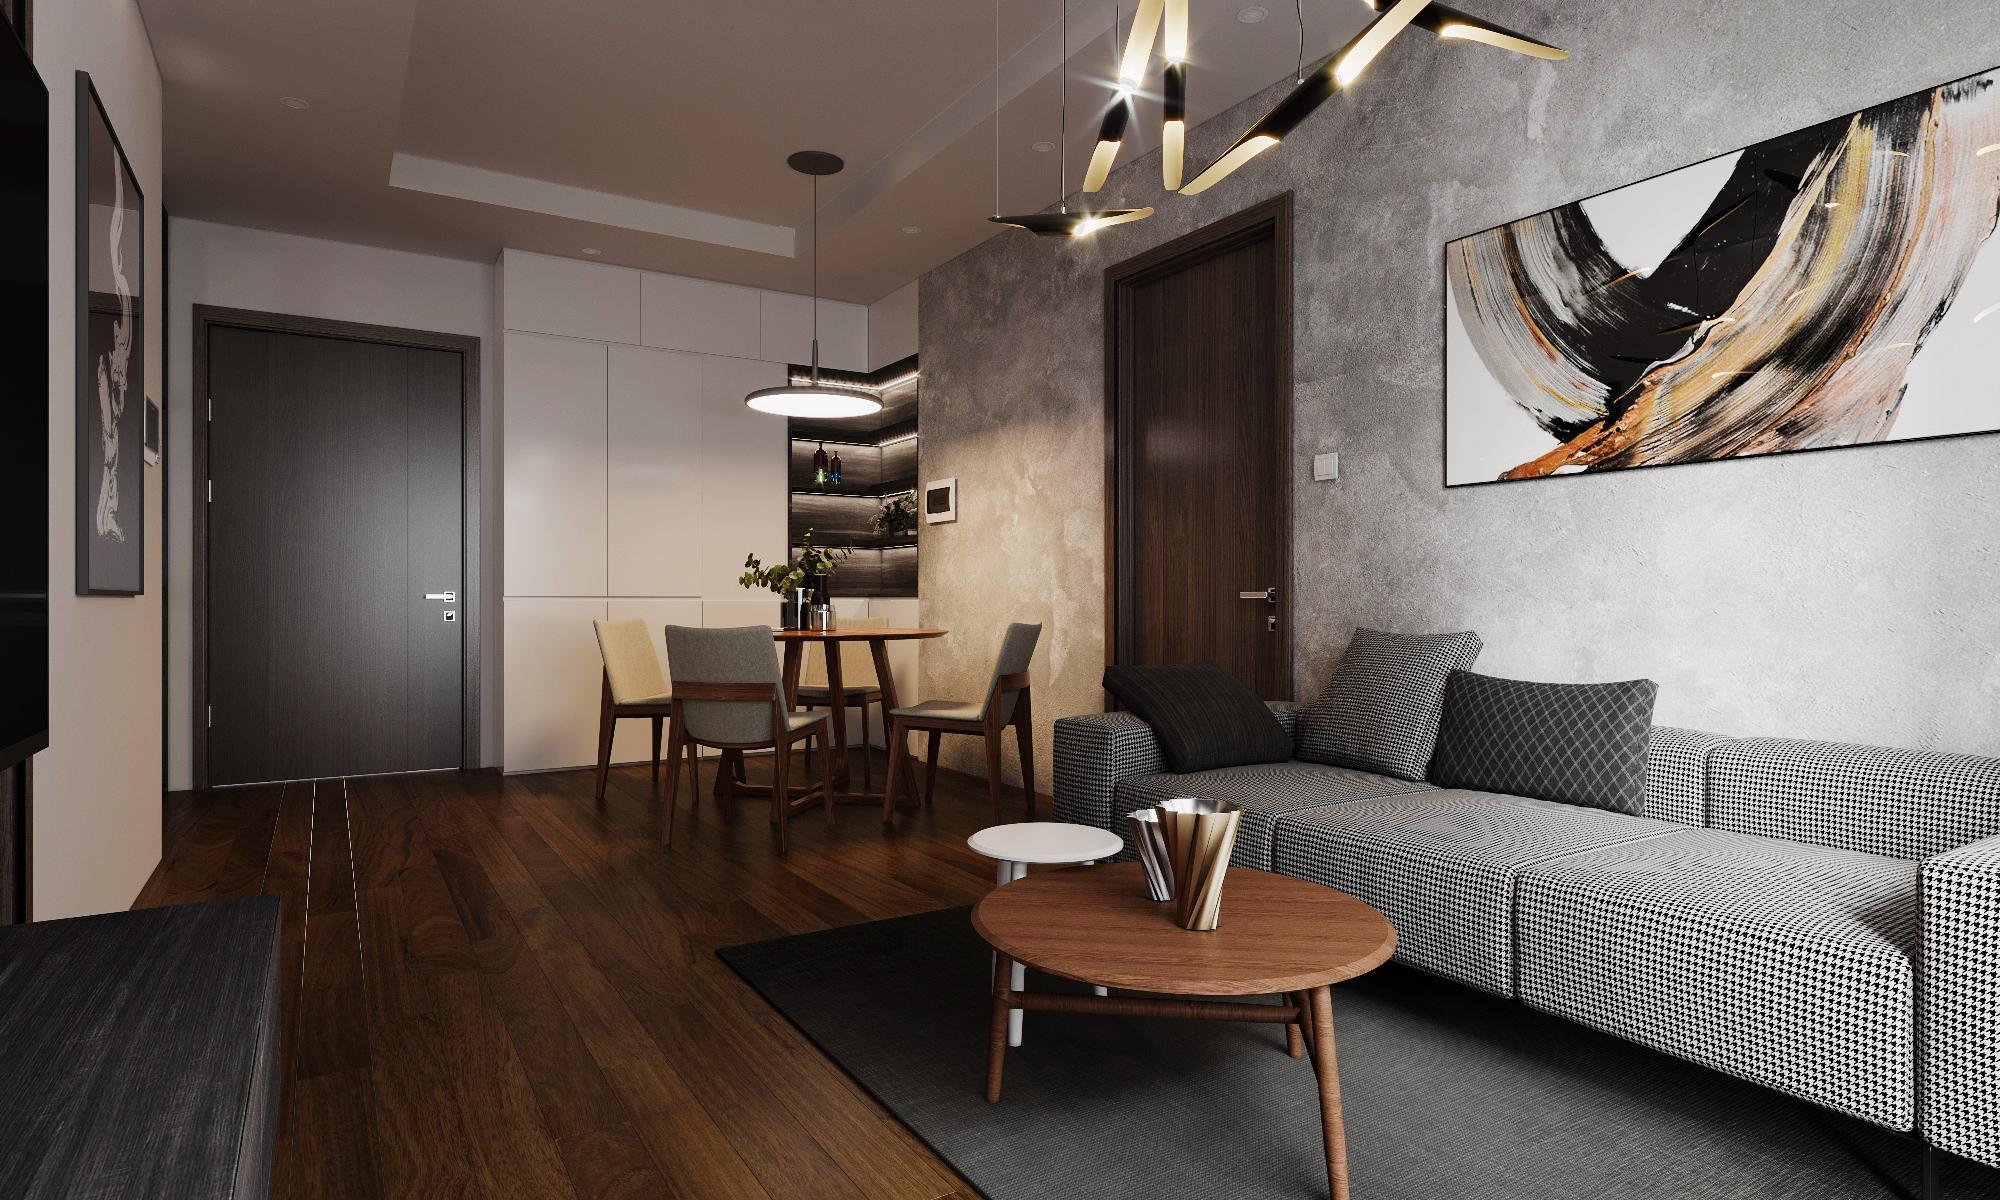 Thiết kế nội thất Chung Cư tại Hà Nội CHỊ GIANG 1593604988 3